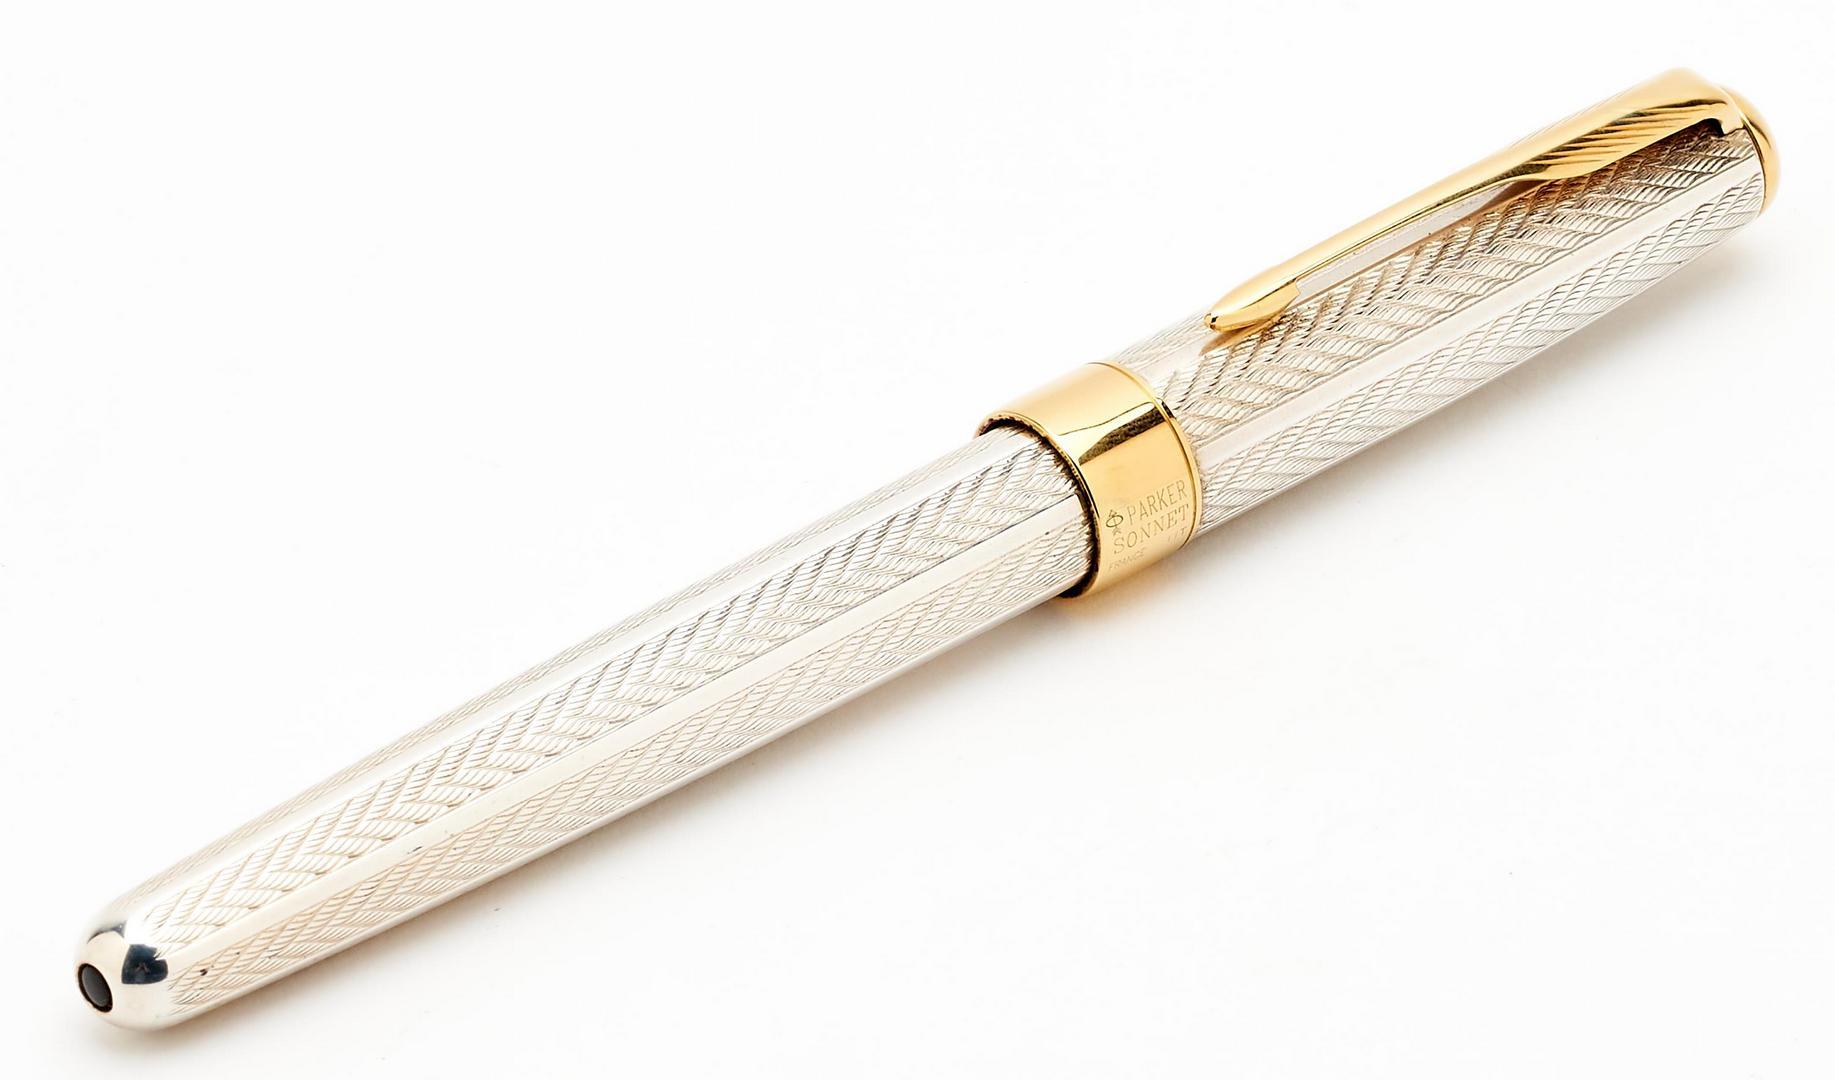 Lot 71: 5 Parker Pens & Pencil, incl. Mandarin Yellow